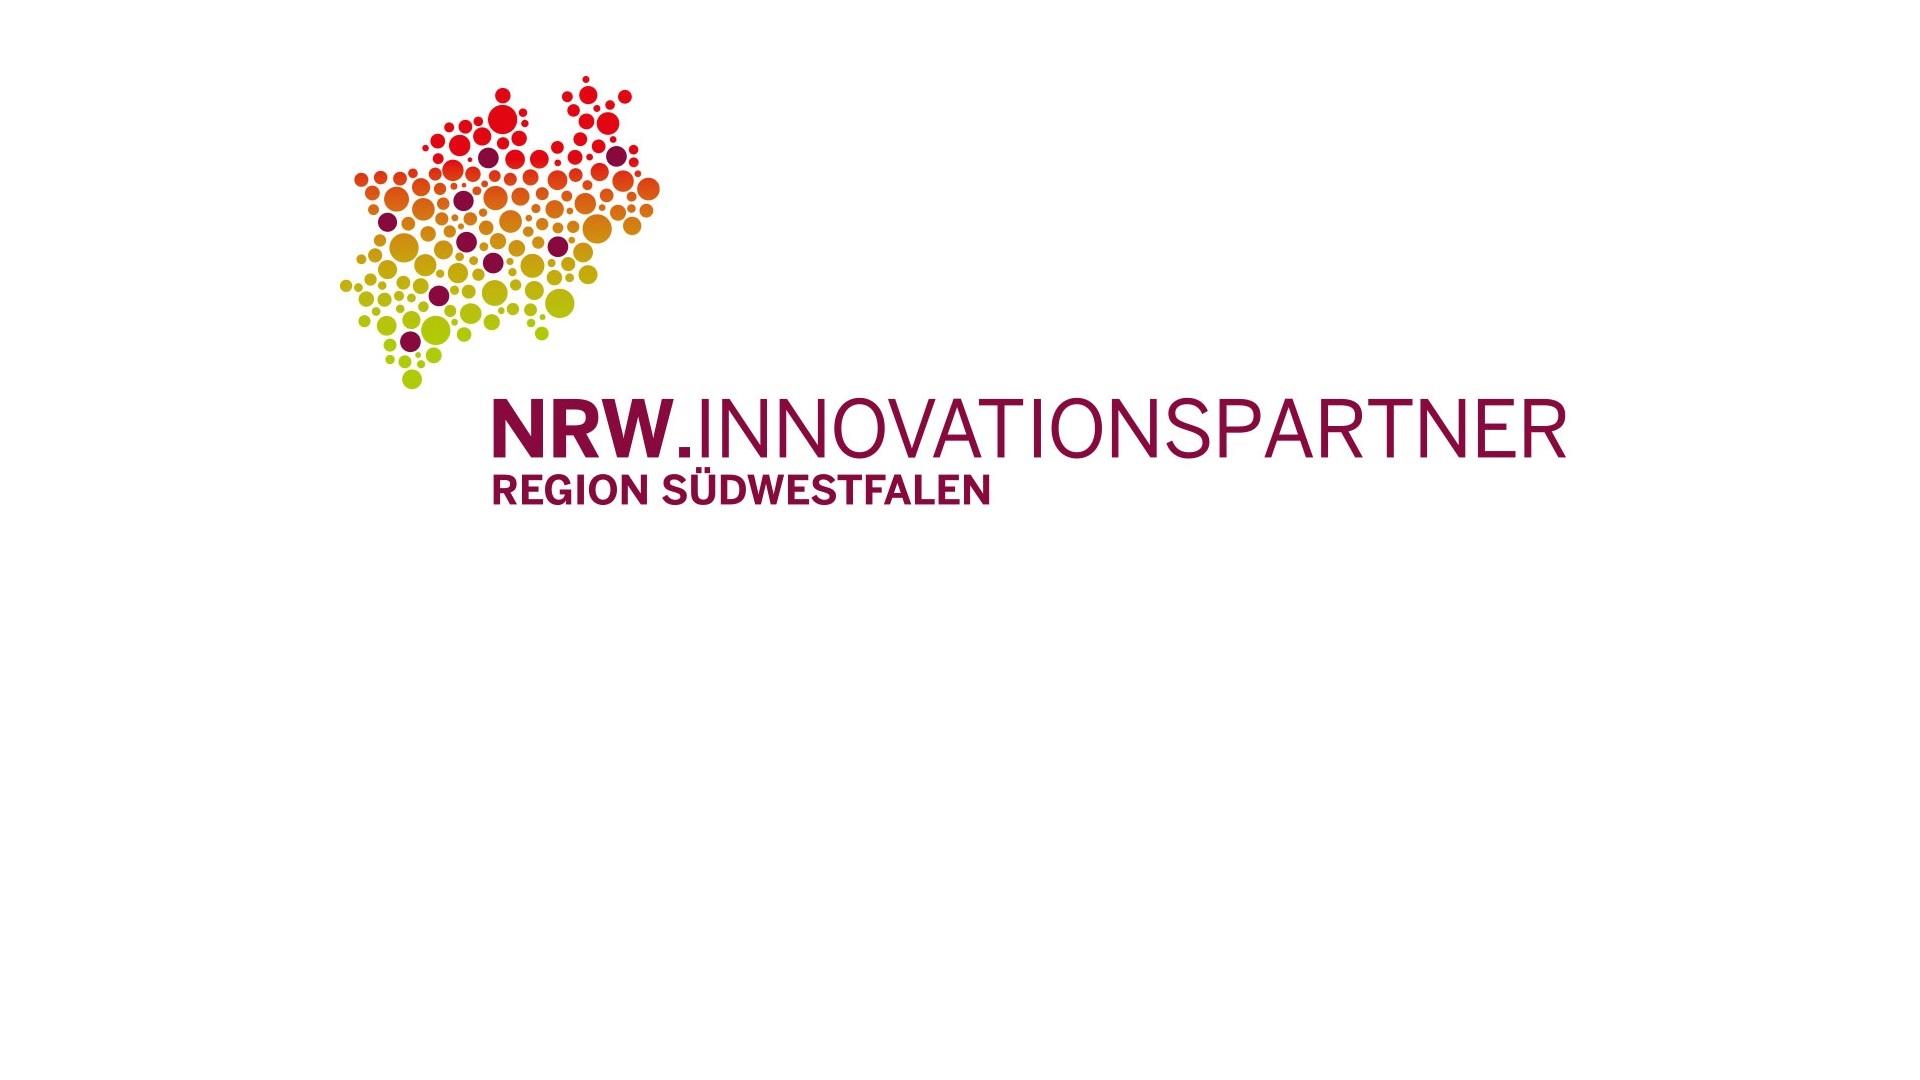 NRW.Innovationspartner